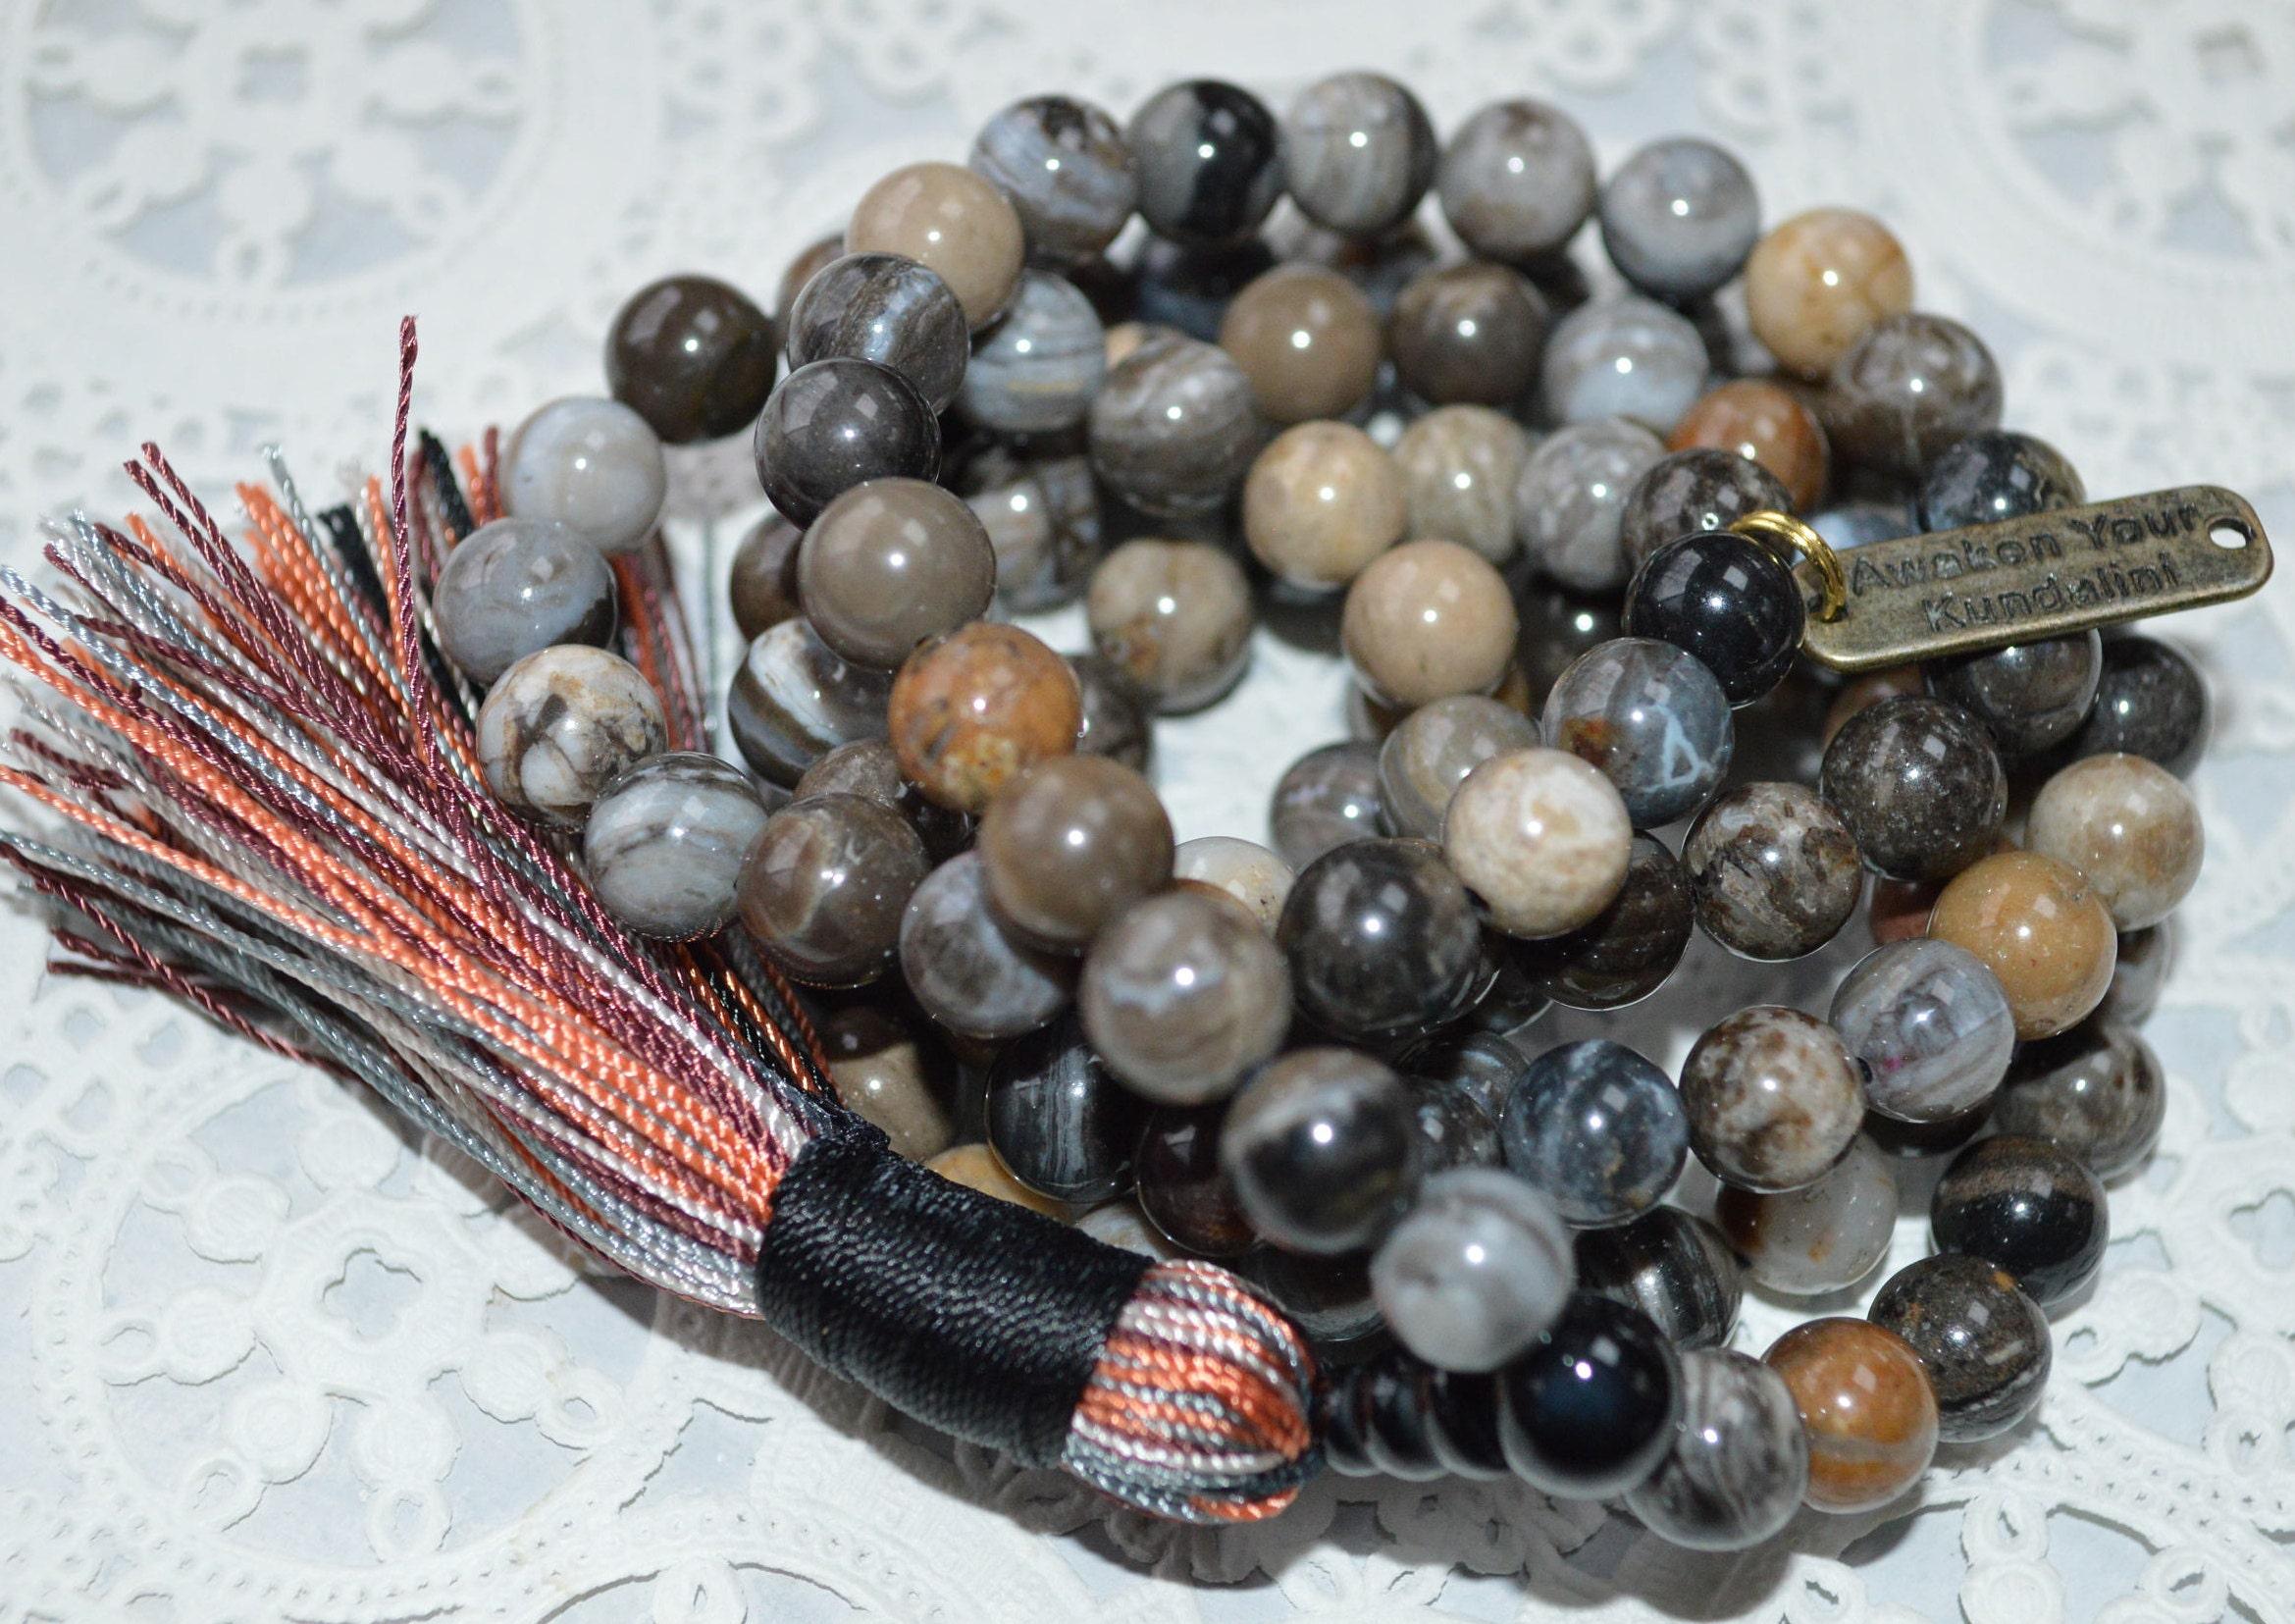 Petrified Wood Yoga Jewelry,Buddhist Rosary Knotted Gemstone Kundalini Mala beads AAA Grade 8 mm Petrified Wood Prayer beads 108 Mala beads